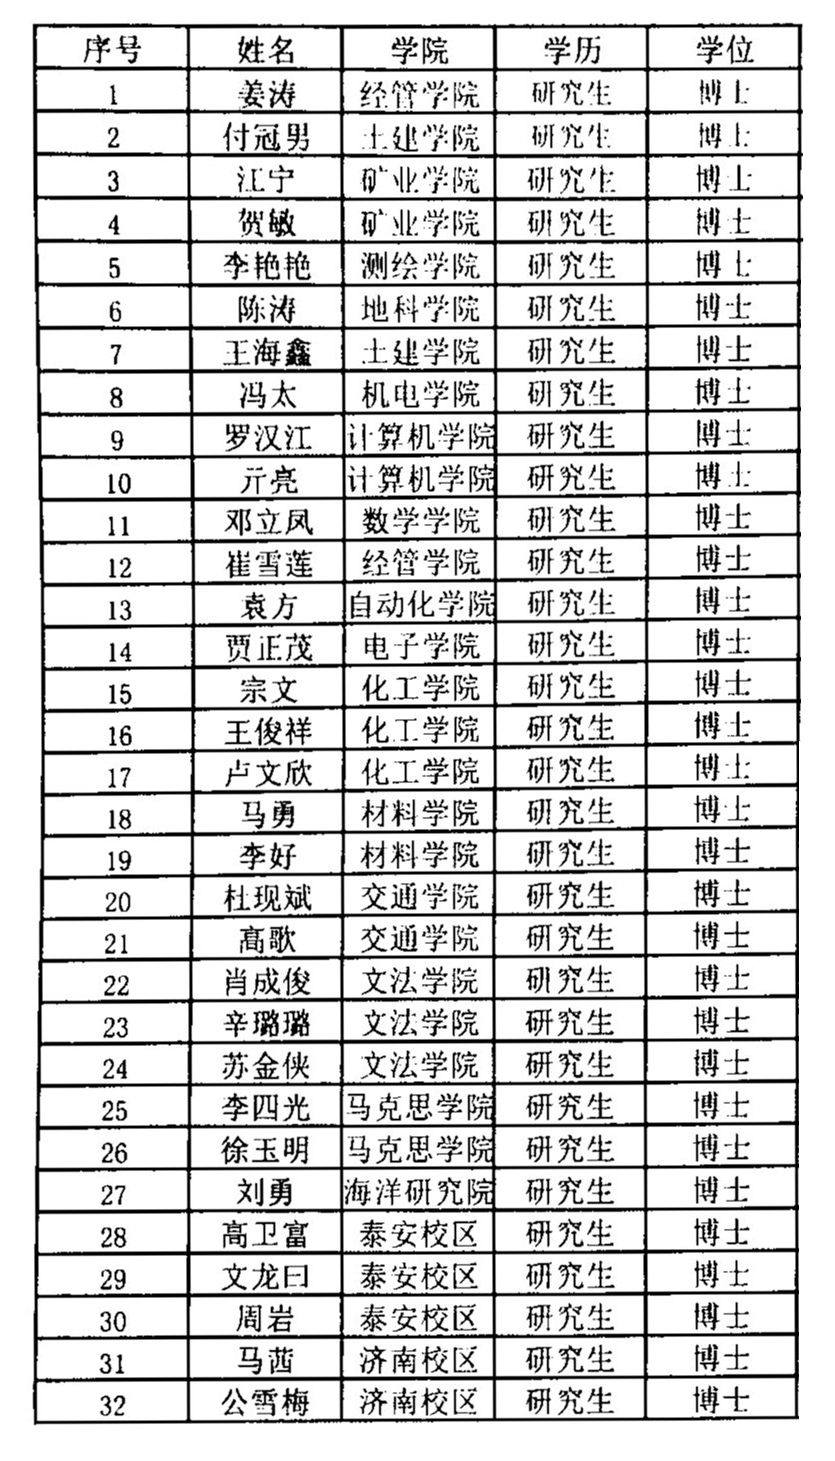 http://www.jinanjianbanzhewan.com/qichexiaofei/18951.html